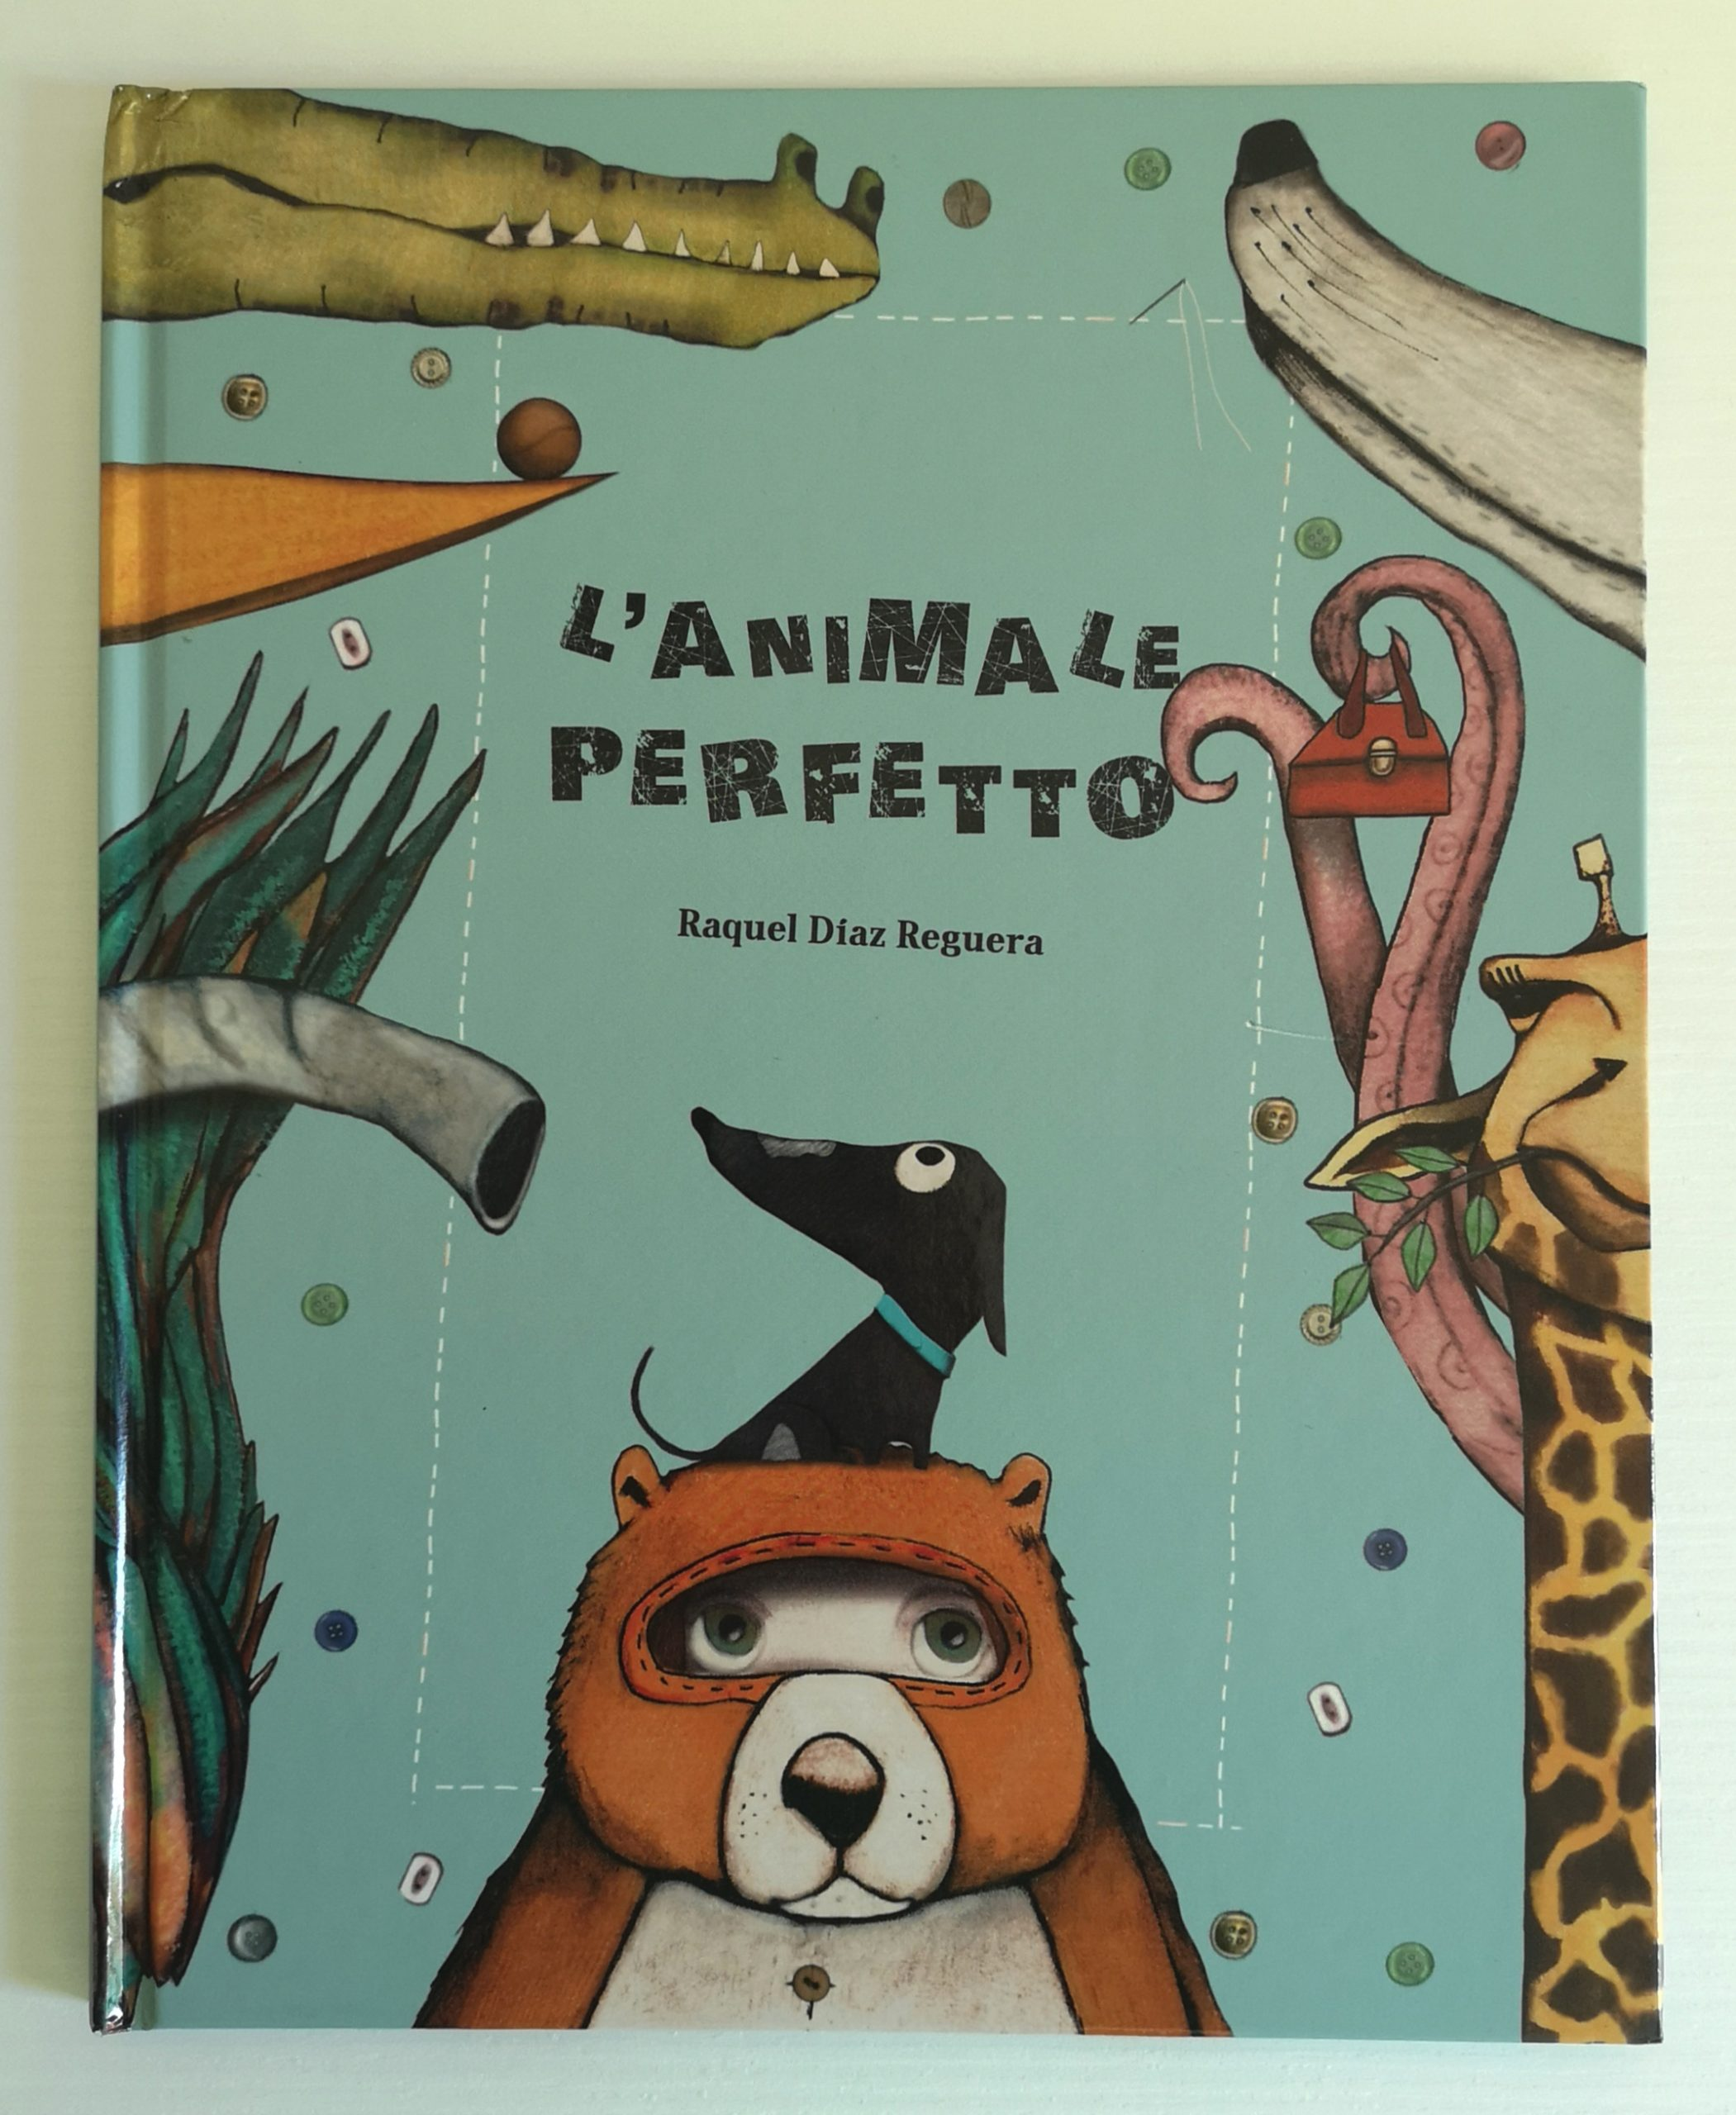 L'ANIMALE PERFETTO di Raquel Dìaz Reguera, NubeOcho